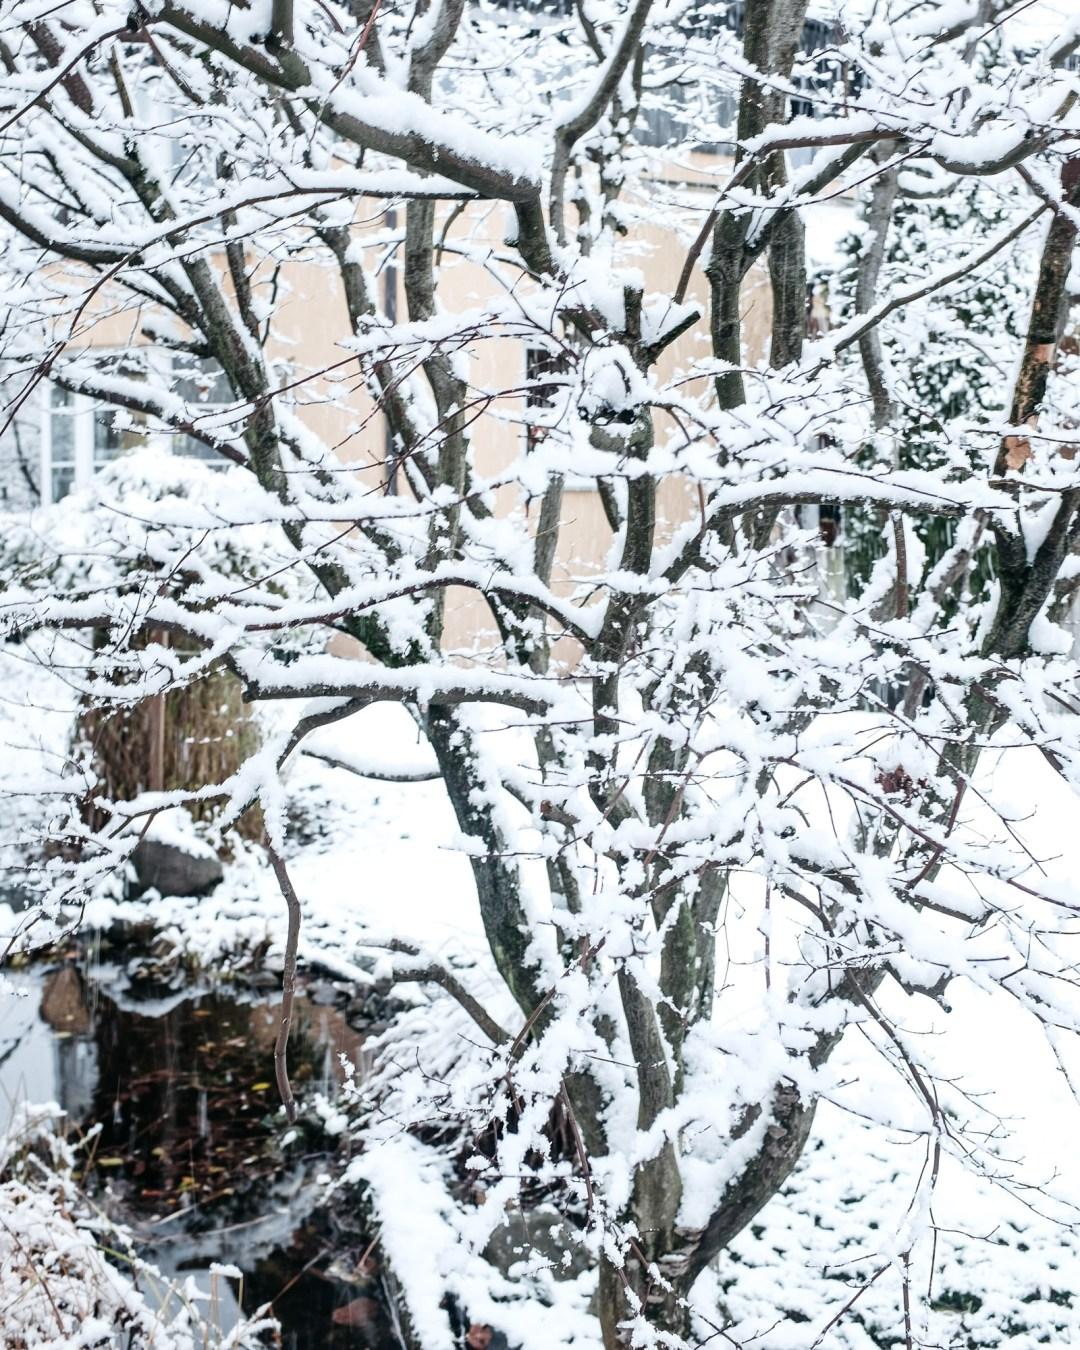 ina stil inastil advent keksebacken garten schnee wintergarten gartenteich gartenliebe winterzauber winterwonderland christmastime weihnachtszeitDSCF0652